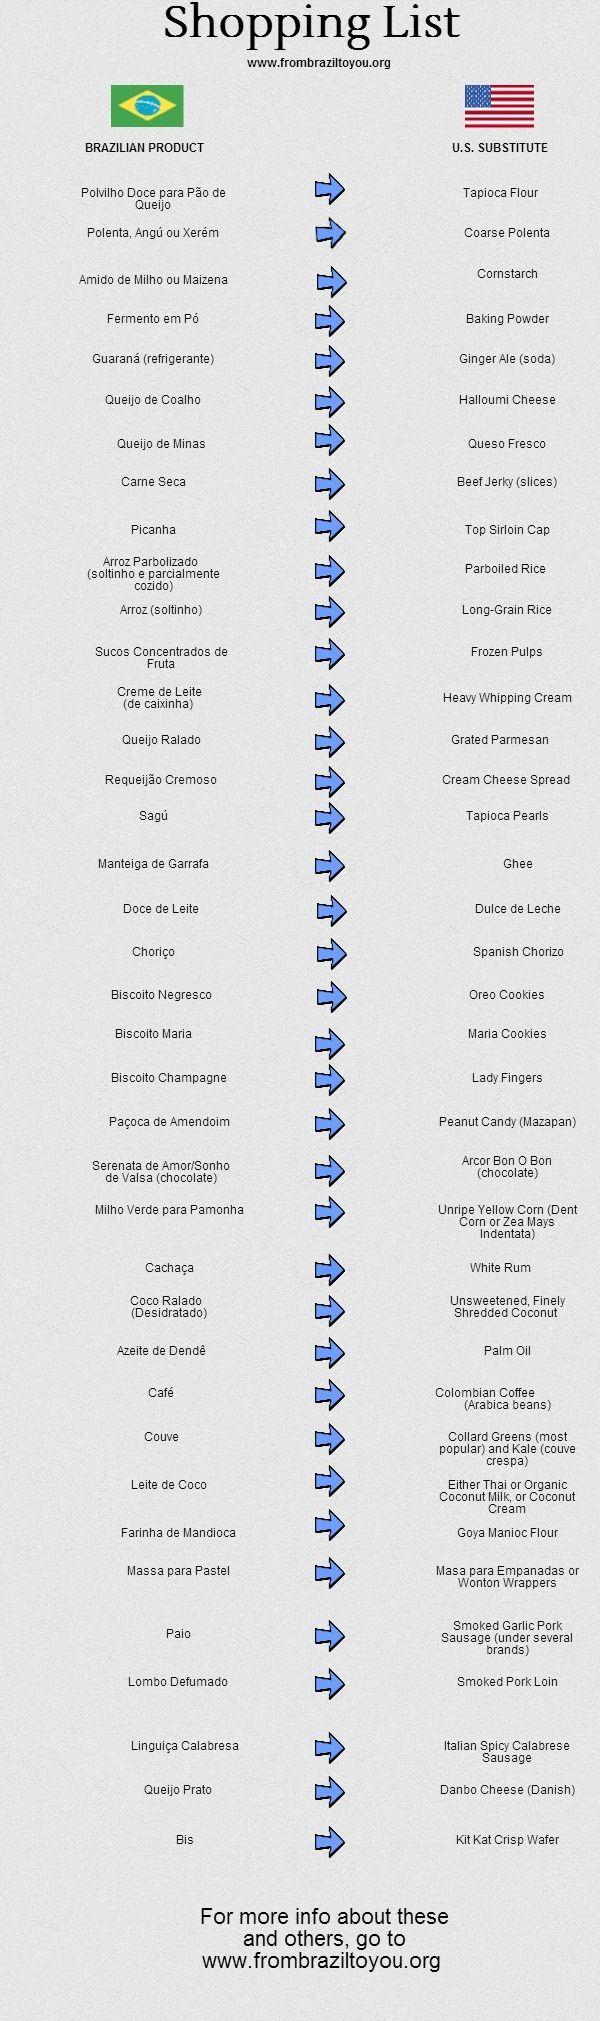 Tradução dos nomes de ingredientes para o inglês